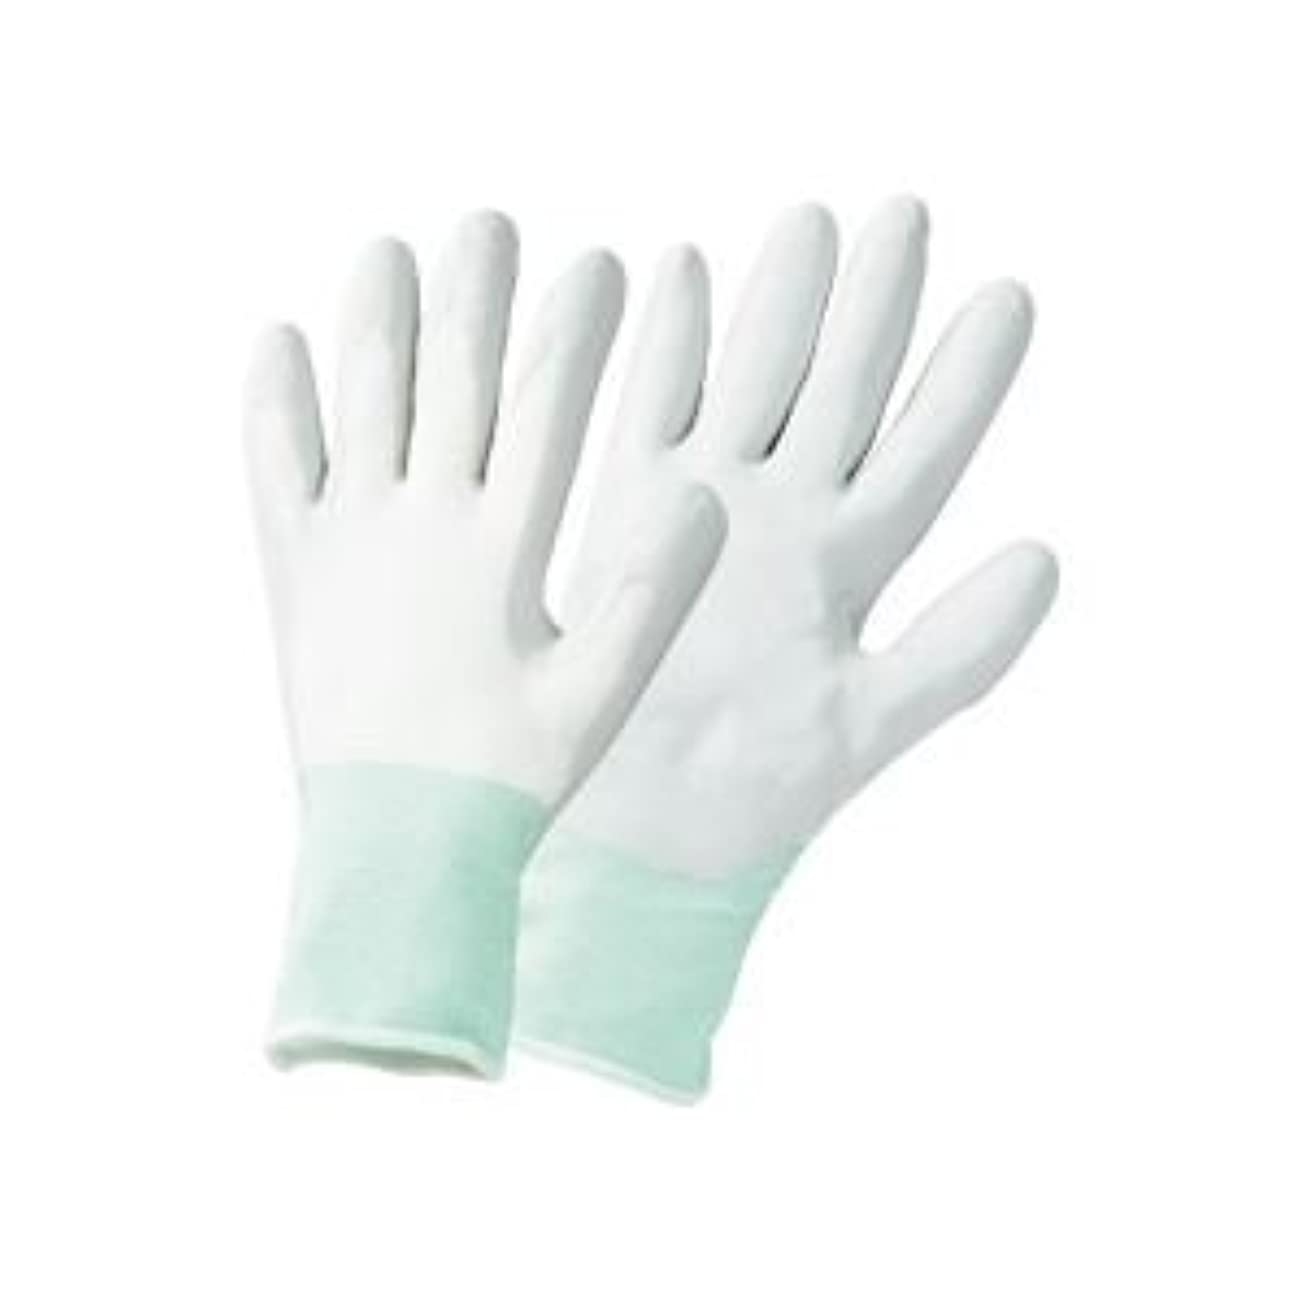 帆暴露十(まとめ) TANOSEE ニトリルゴム手袋薄手 L グレー 1セット(25双:5双×5パック) 【×3セット】 ds-1577353